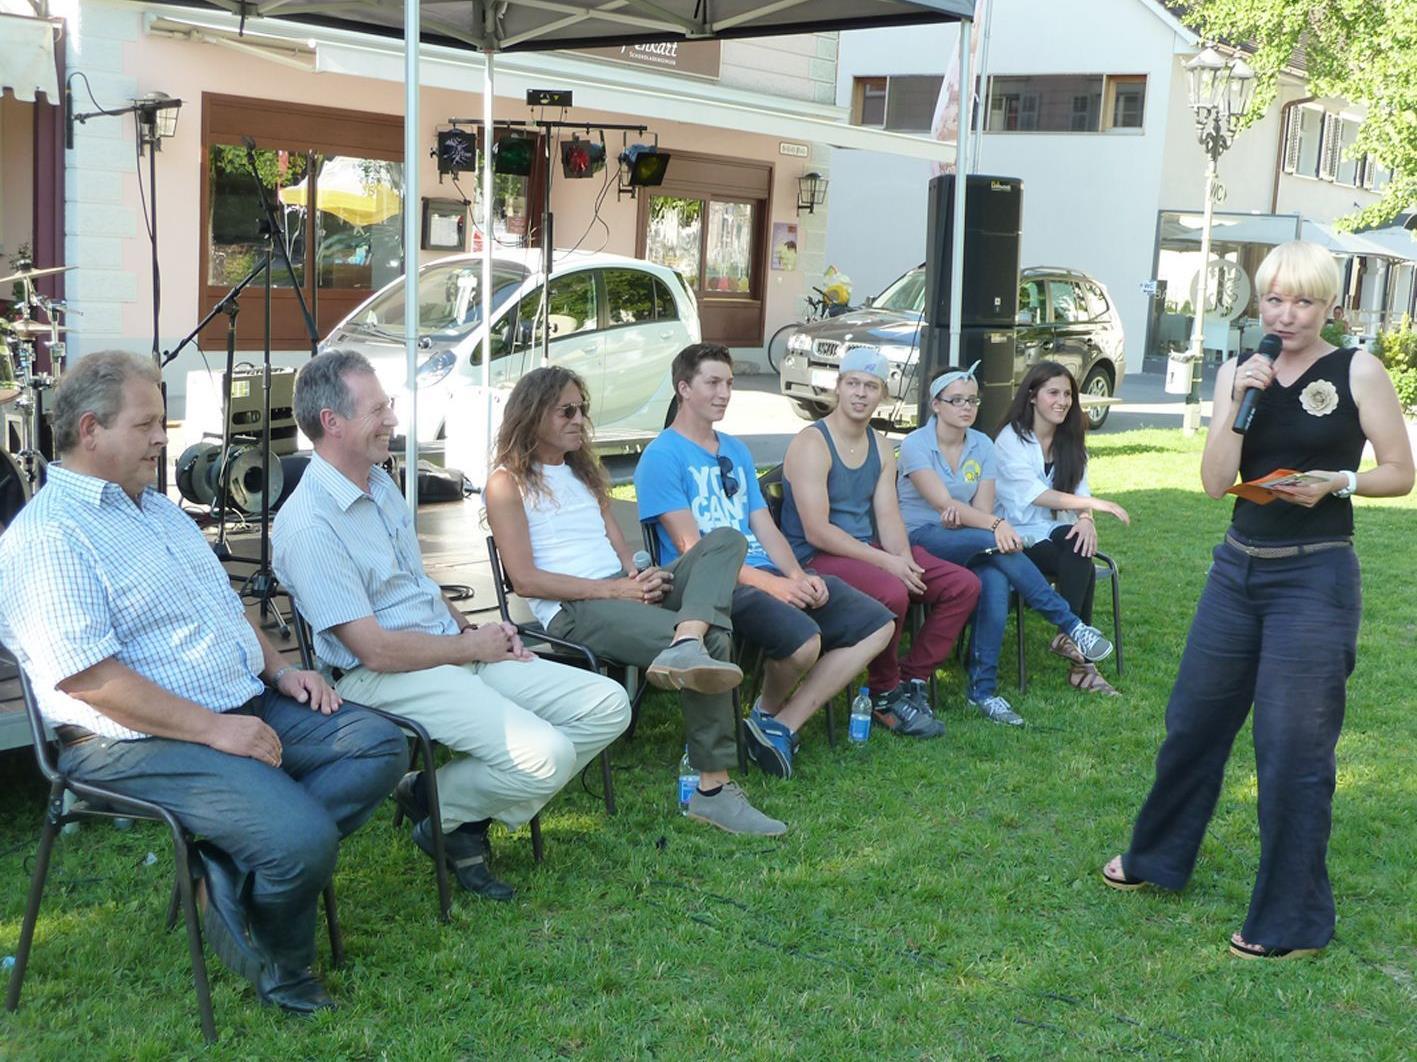 Diskussion zwischen Politikern und Jugendlichen bei der OJAH-Veranstaltung auf dem Schlossplatz.